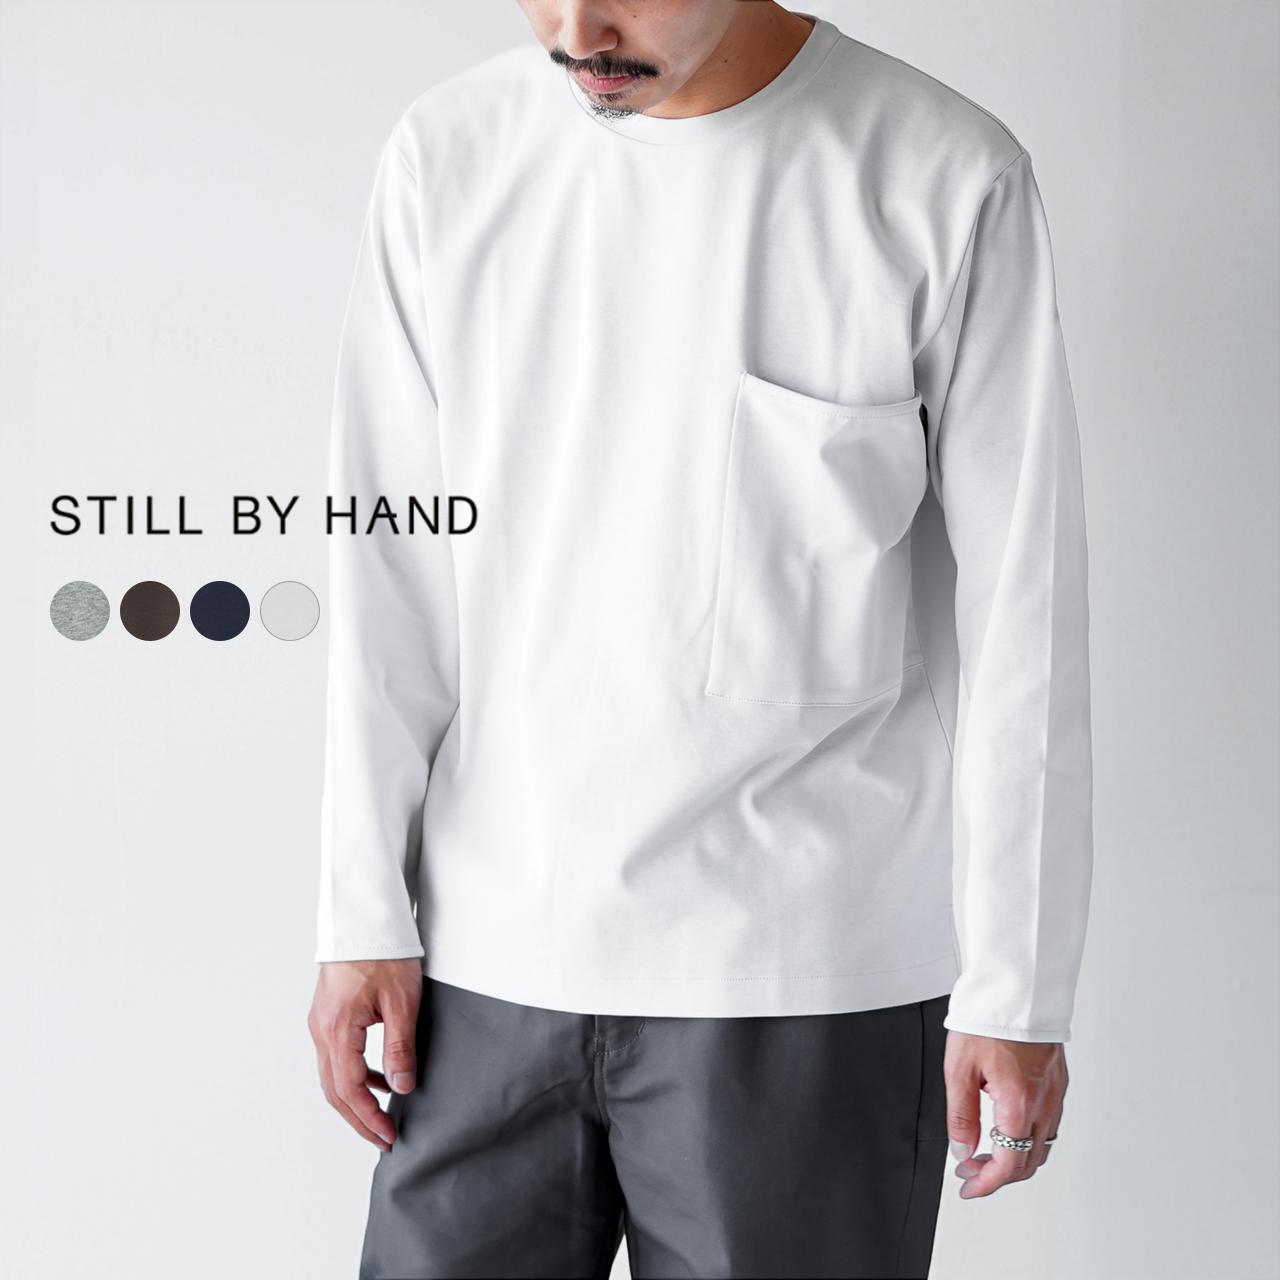 スティルバイハンド STILL BY HAND ビッグポケット クルーネック ポンチ素材 カットソー 長袖 Tシャツ メンズ 2020秋冬 トップス CS03203 0825【送料無料】